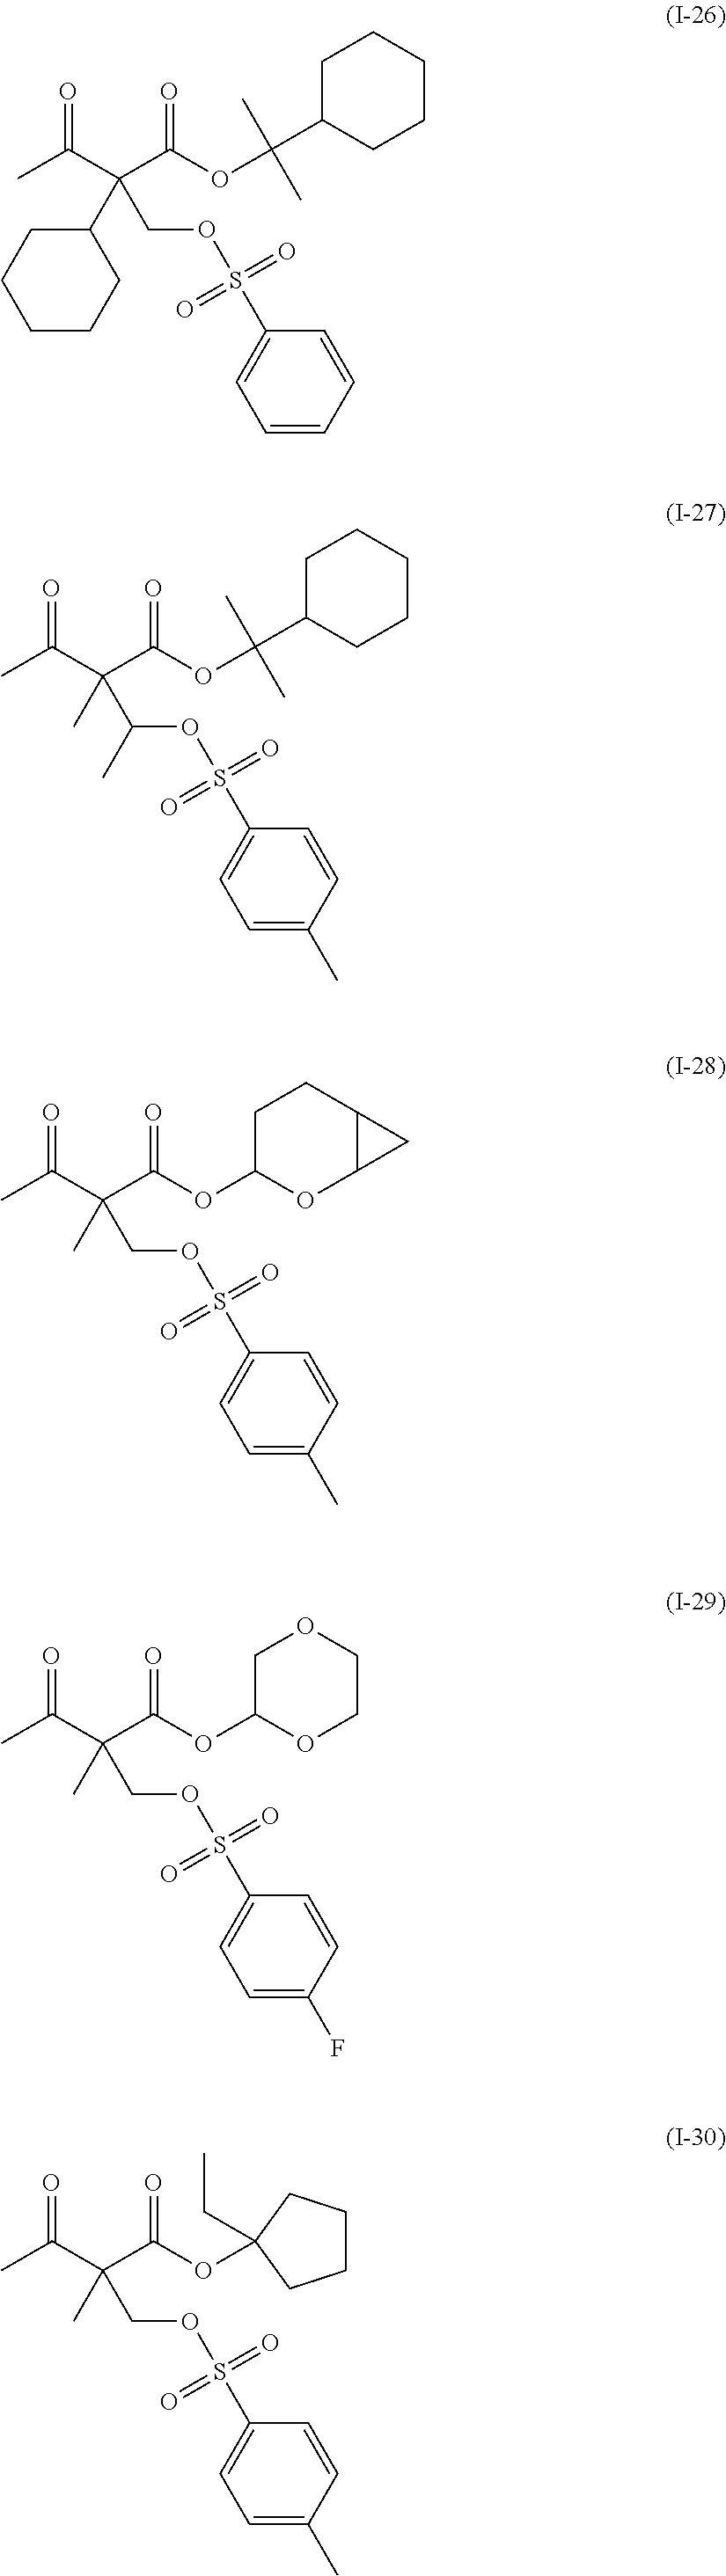 Figure US20110183258A1-20110728-C00088